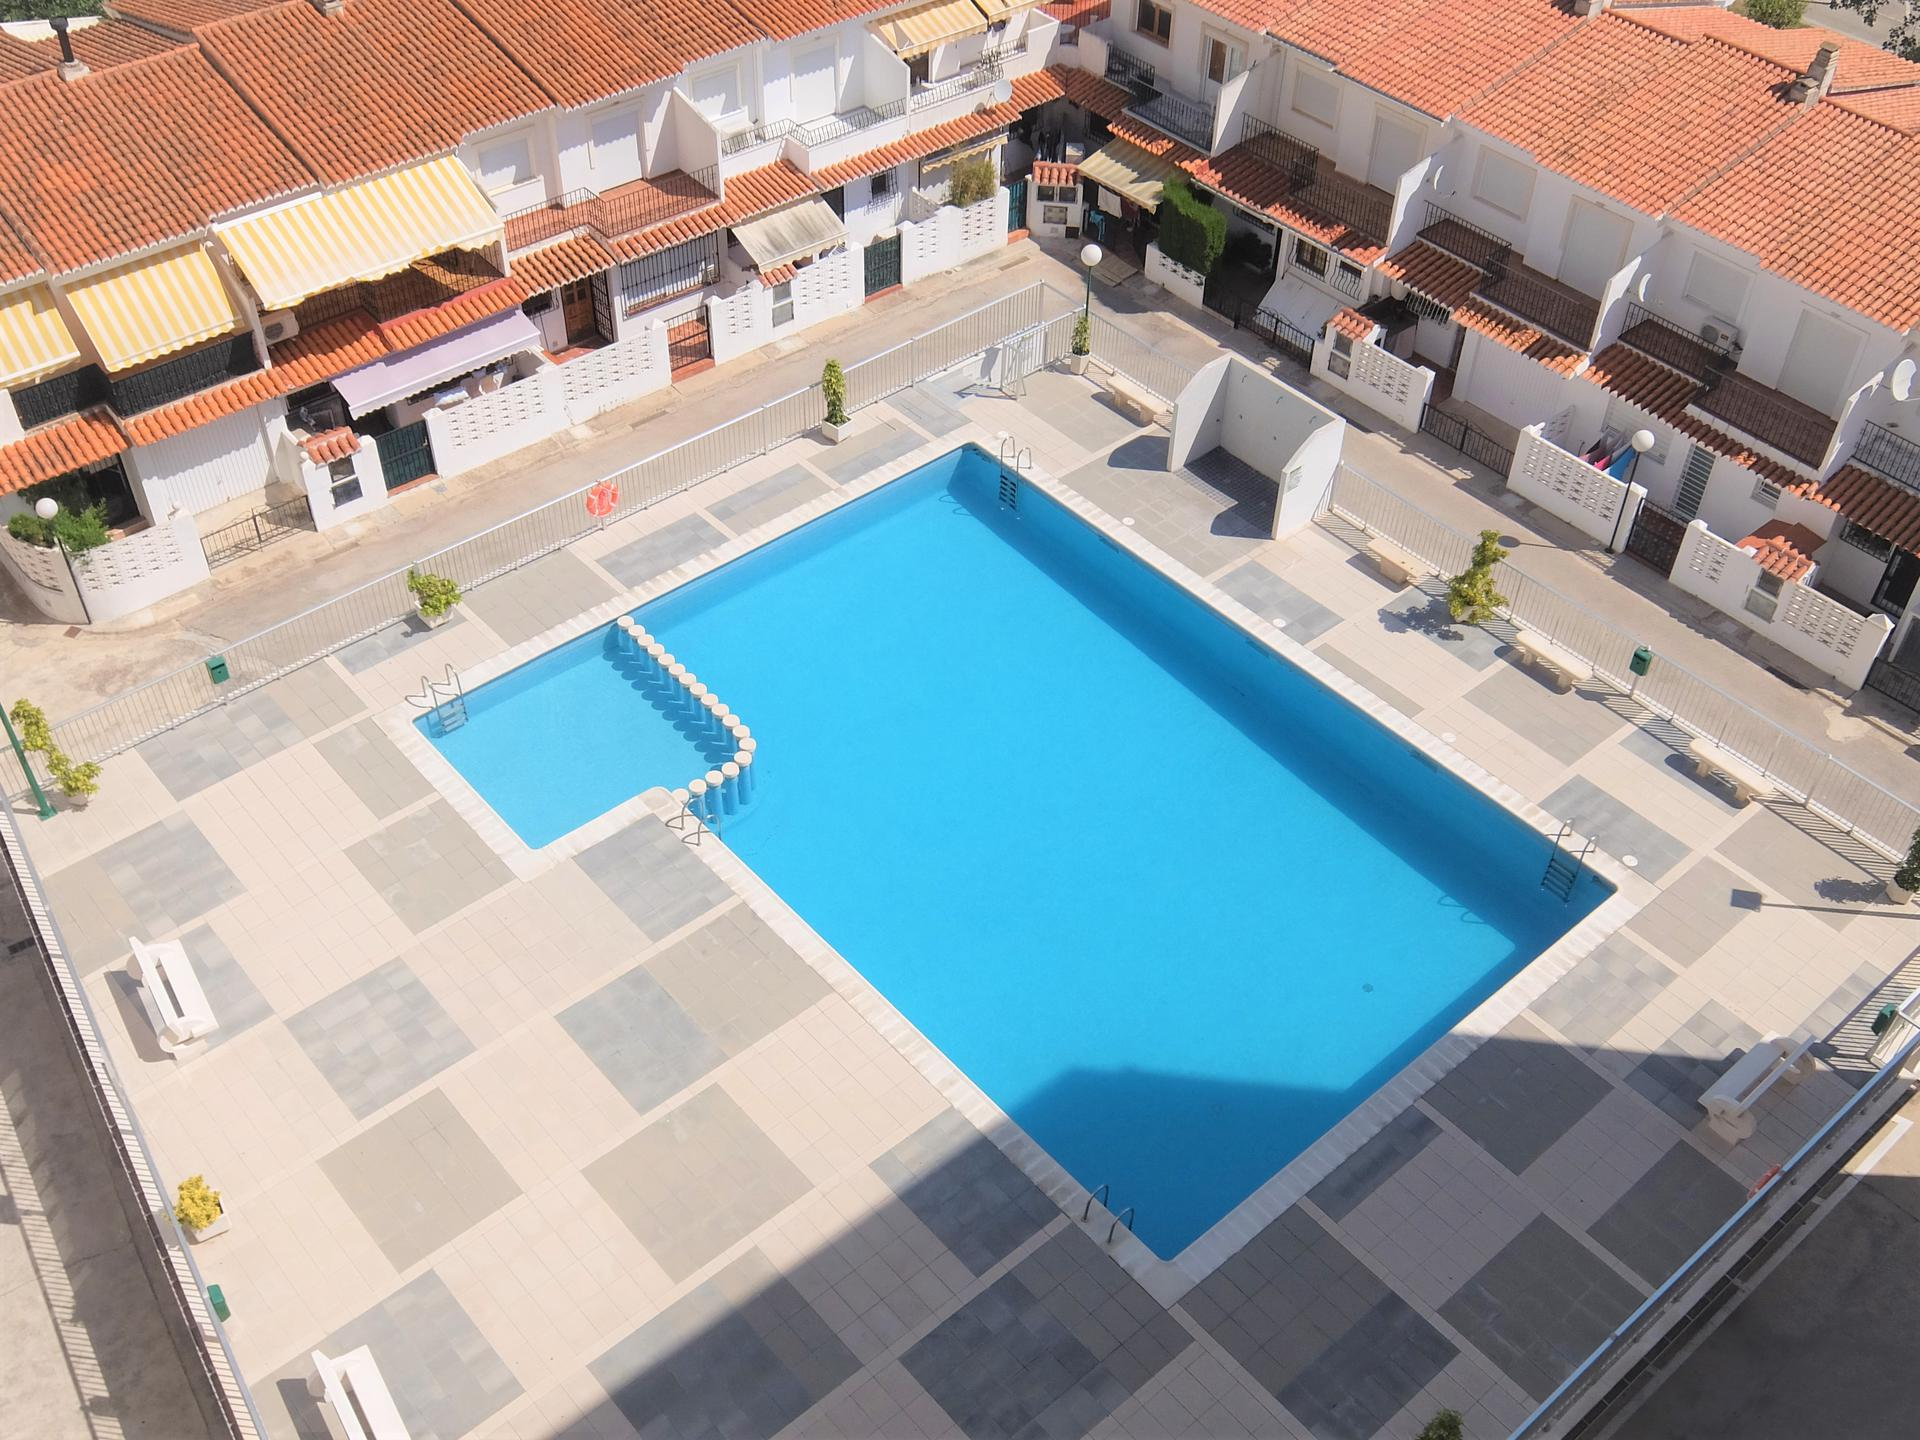 Apartamento -                                       Gandia -                                       3 dormitorios -                                       7 ocupantes